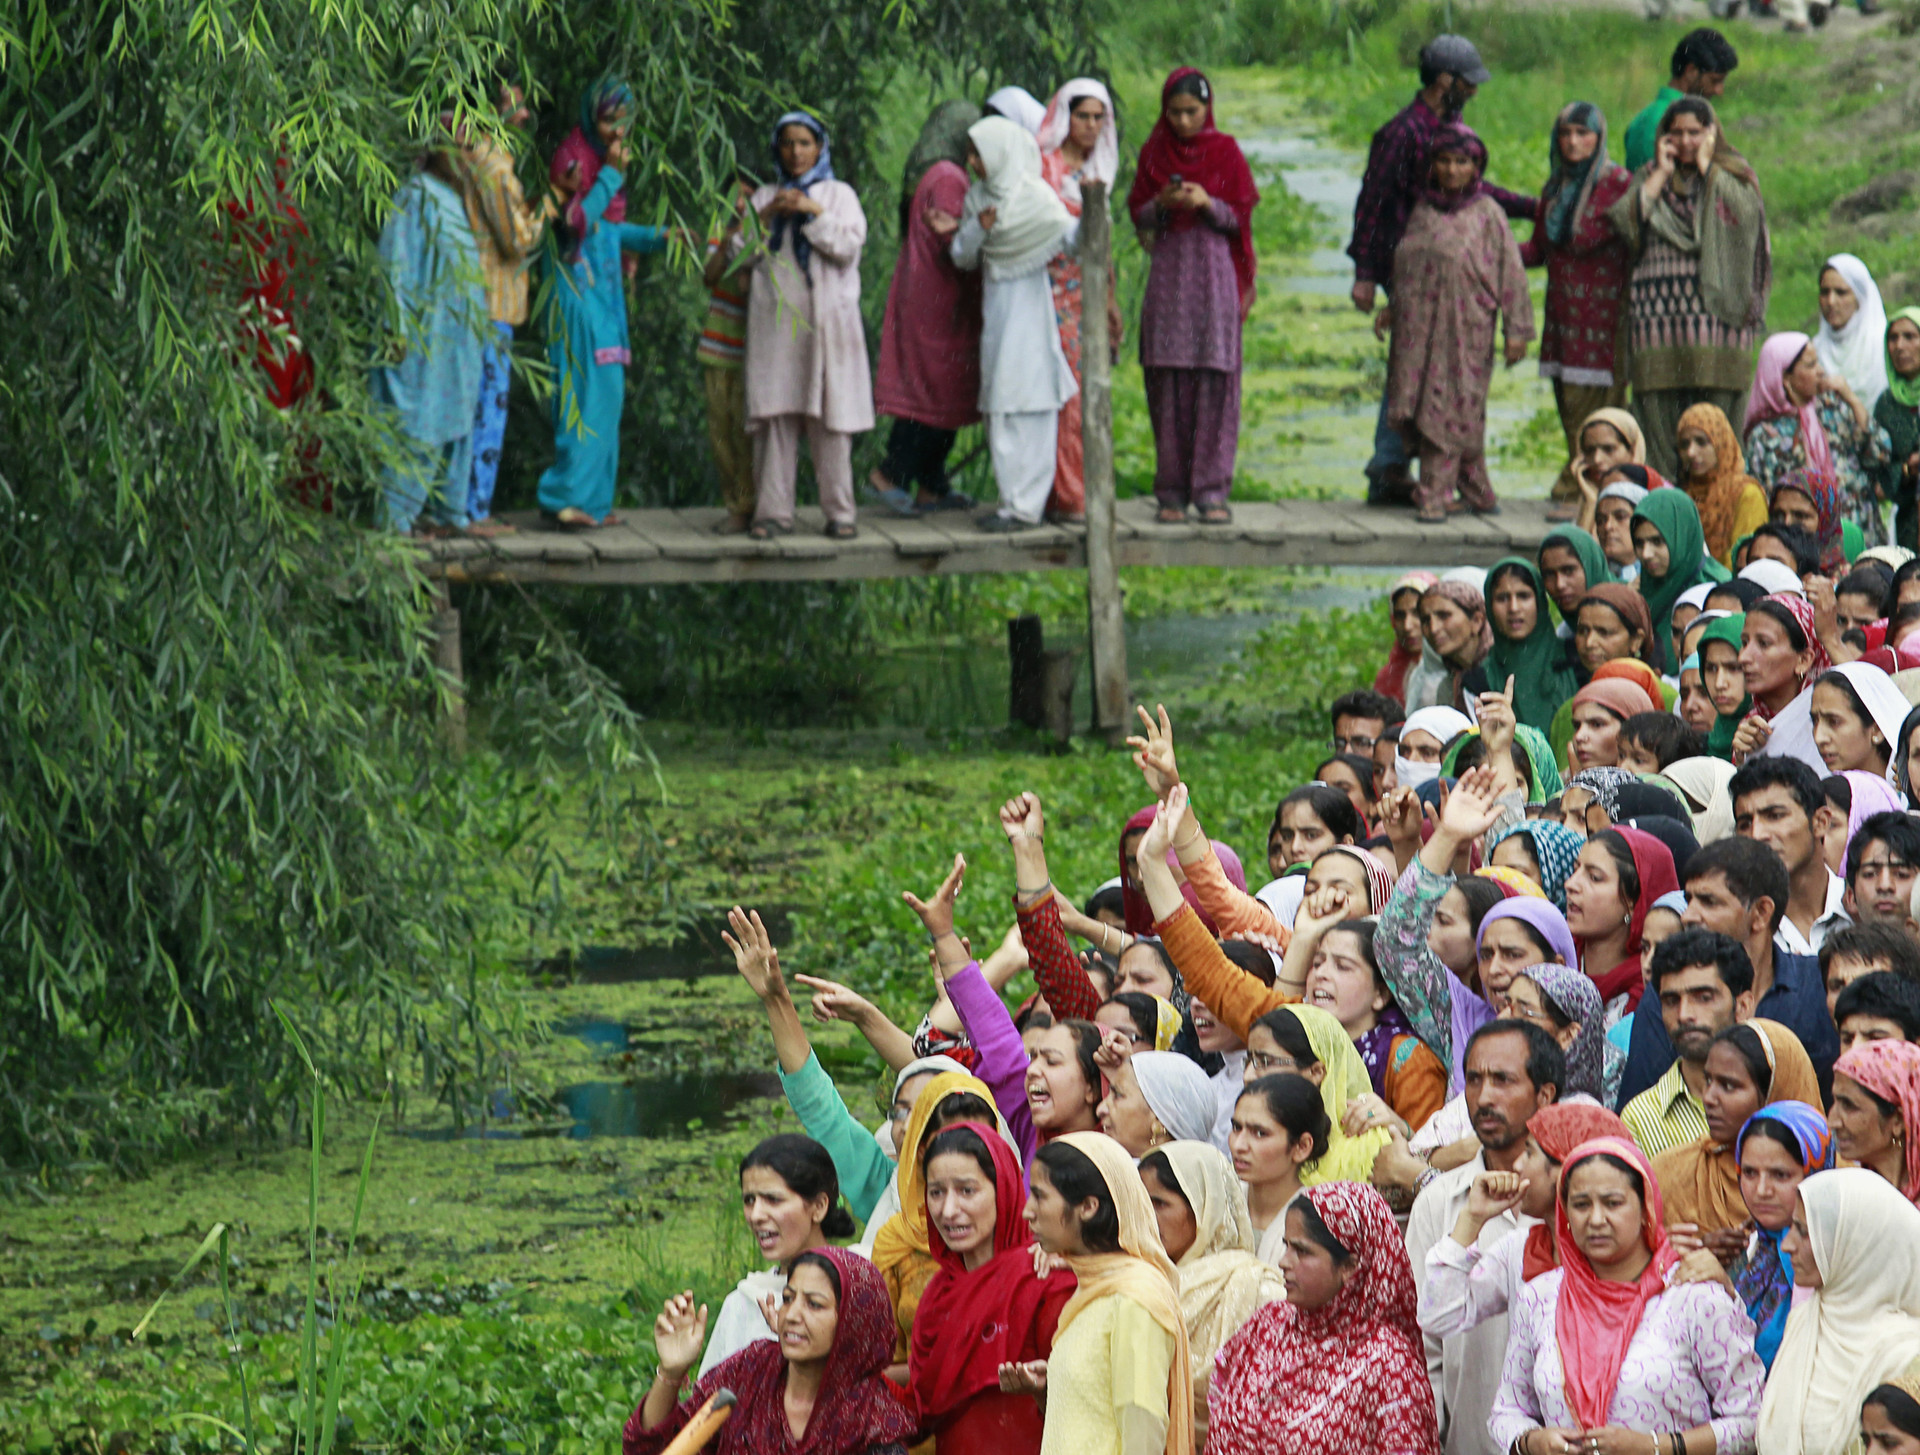 Desaparece la Joya de Srinagar, uno de los lagos más bellos de la India